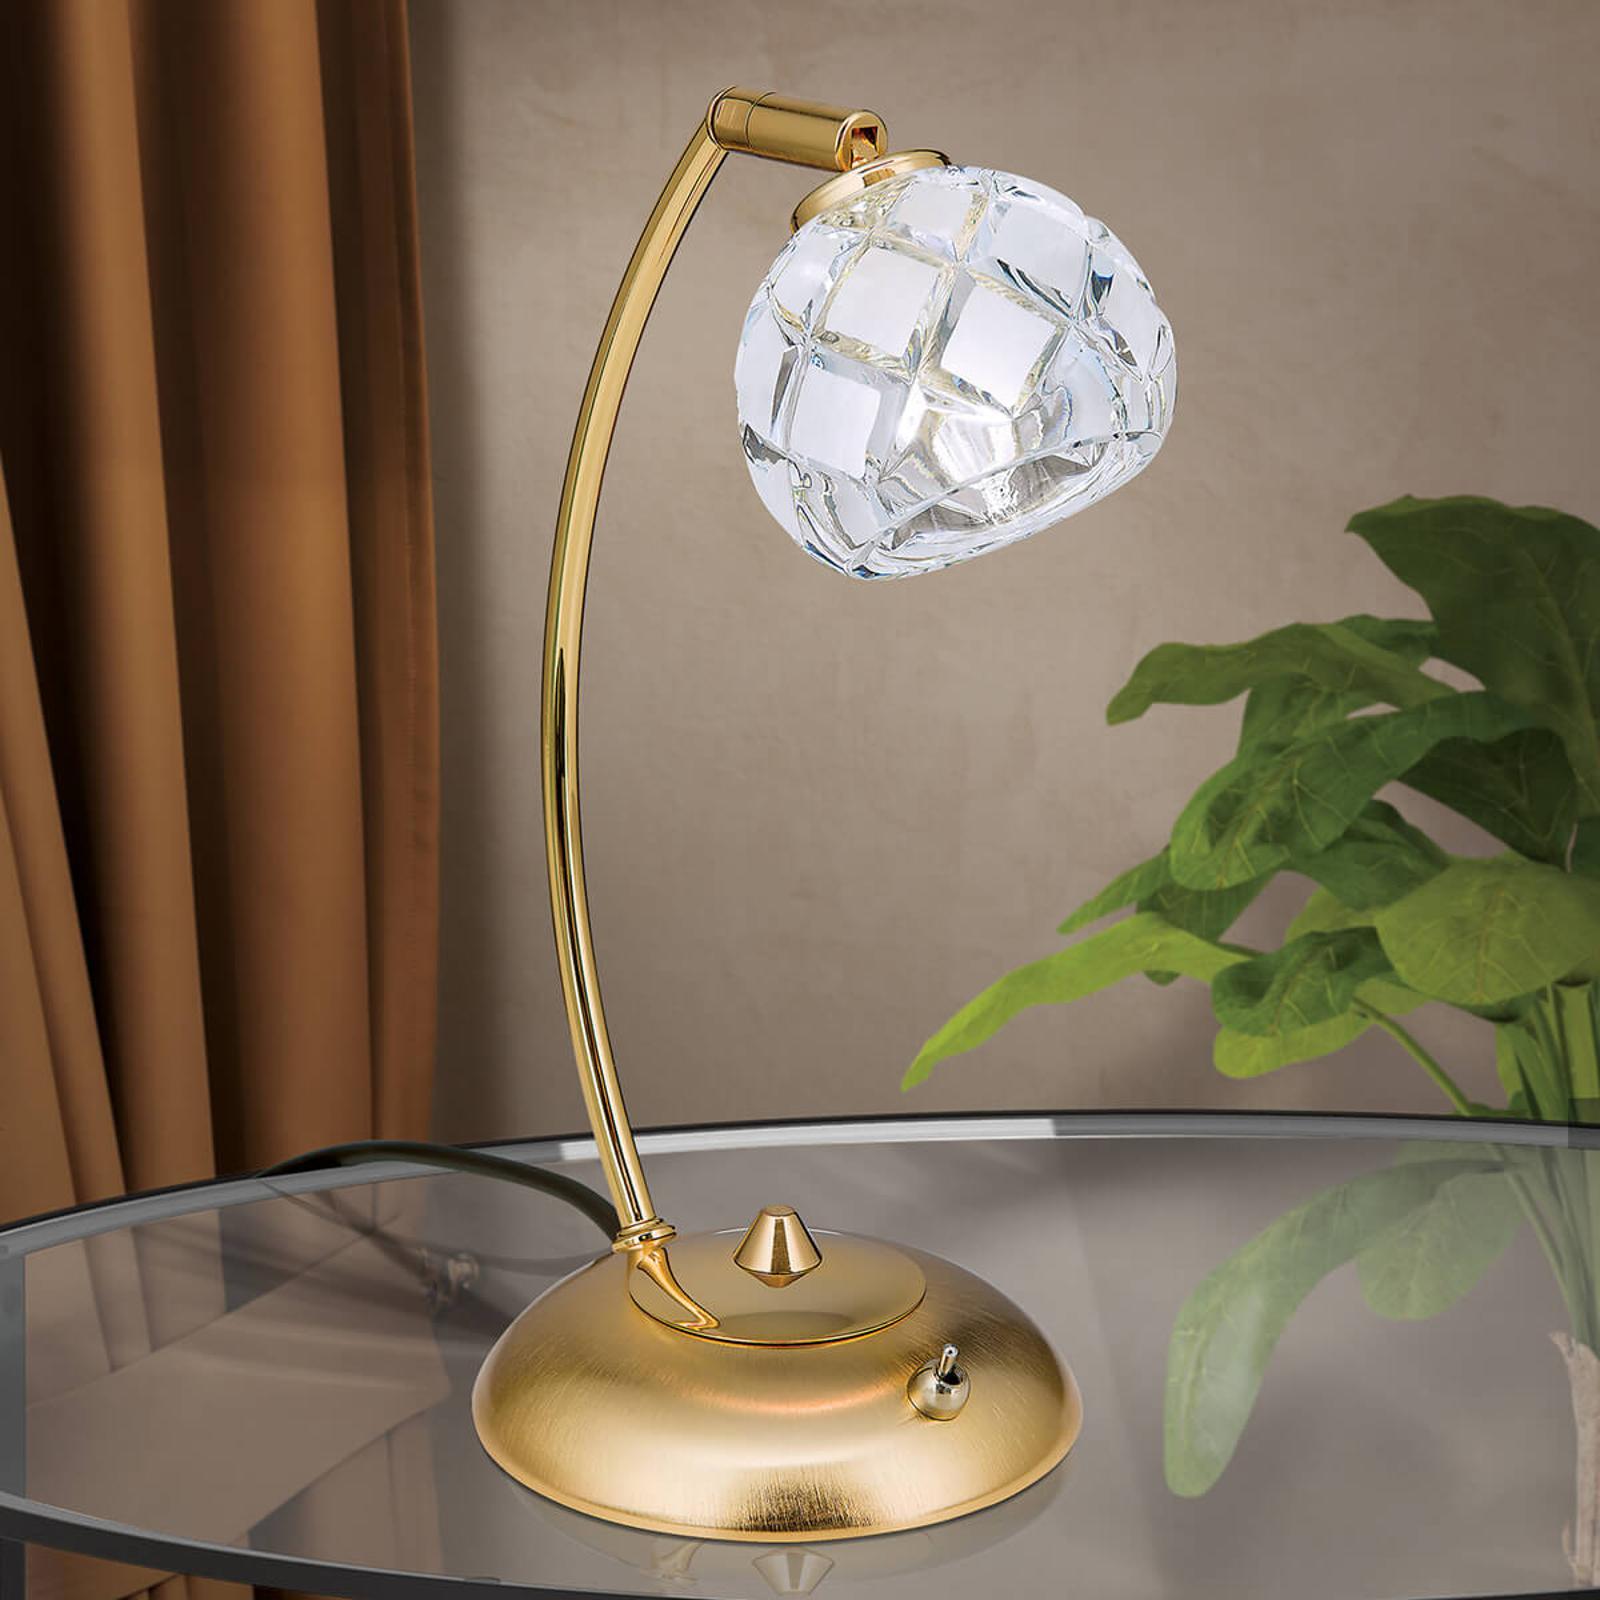 Bleikristall-Tischleuchte Maderno, gold